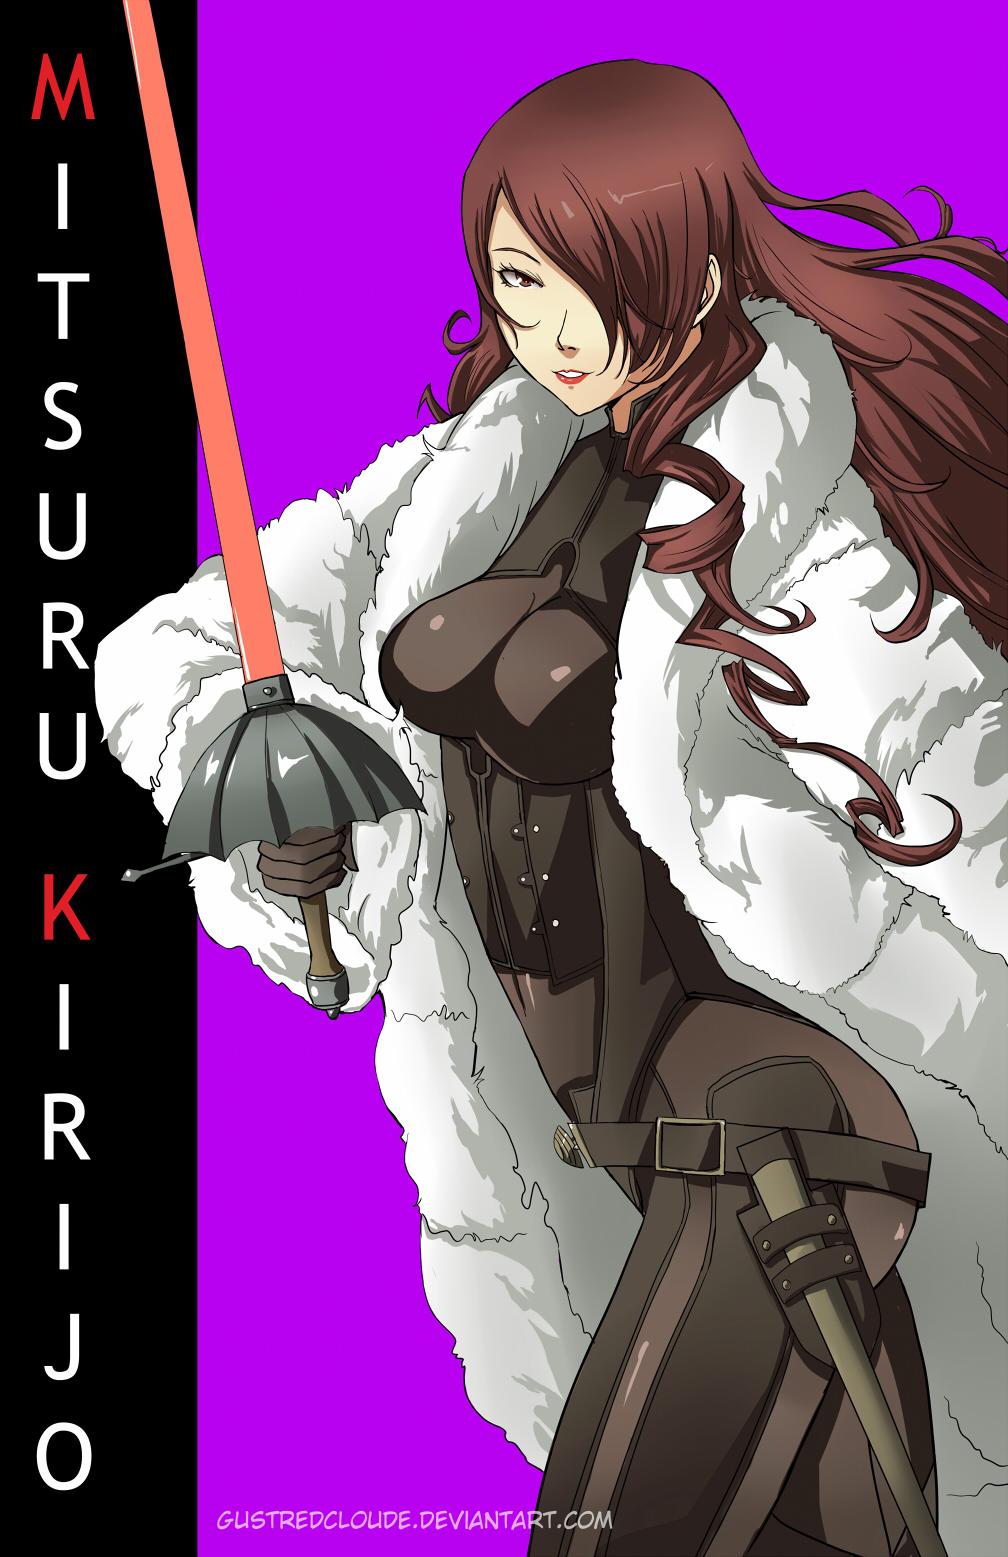 Dat Mitsuru by gustredcloude